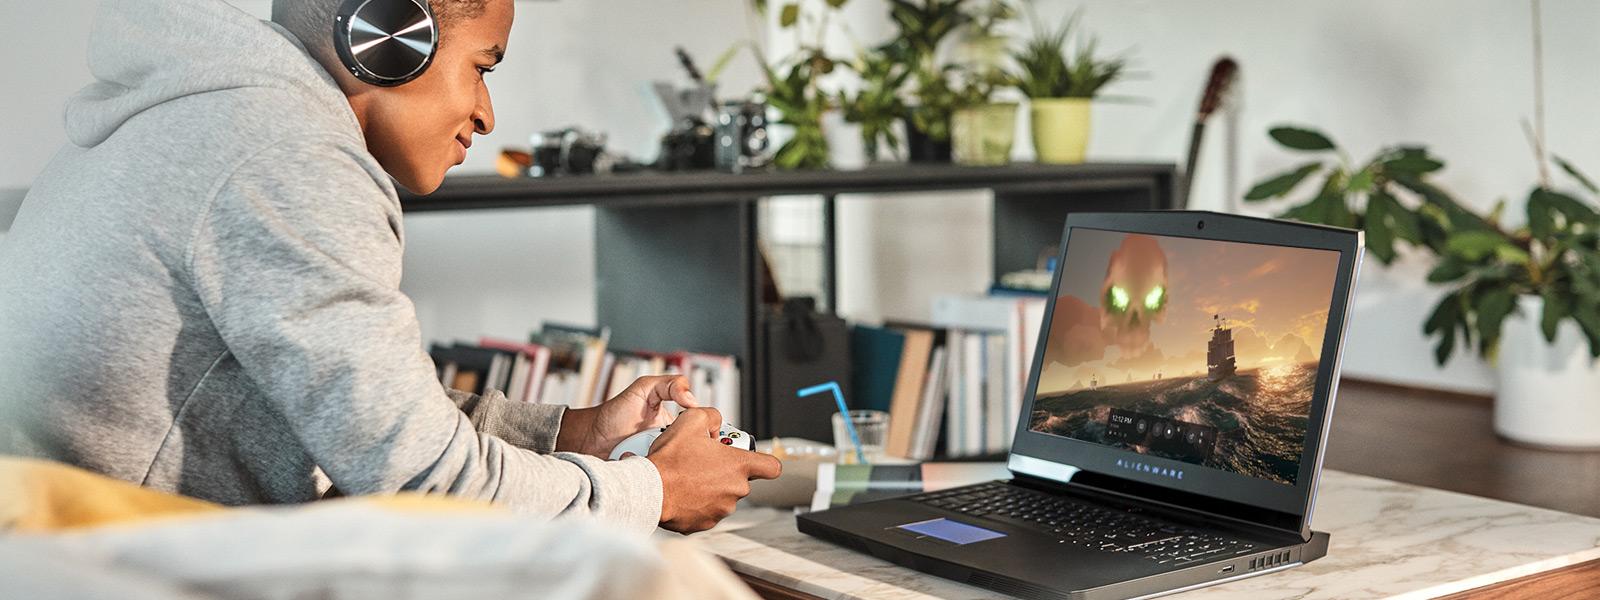 男人戴着头戴式耳机,使用 Xbox 控制器在 Windows 10 游戏专用笔记本电脑上玩《盗贼之海》游戏